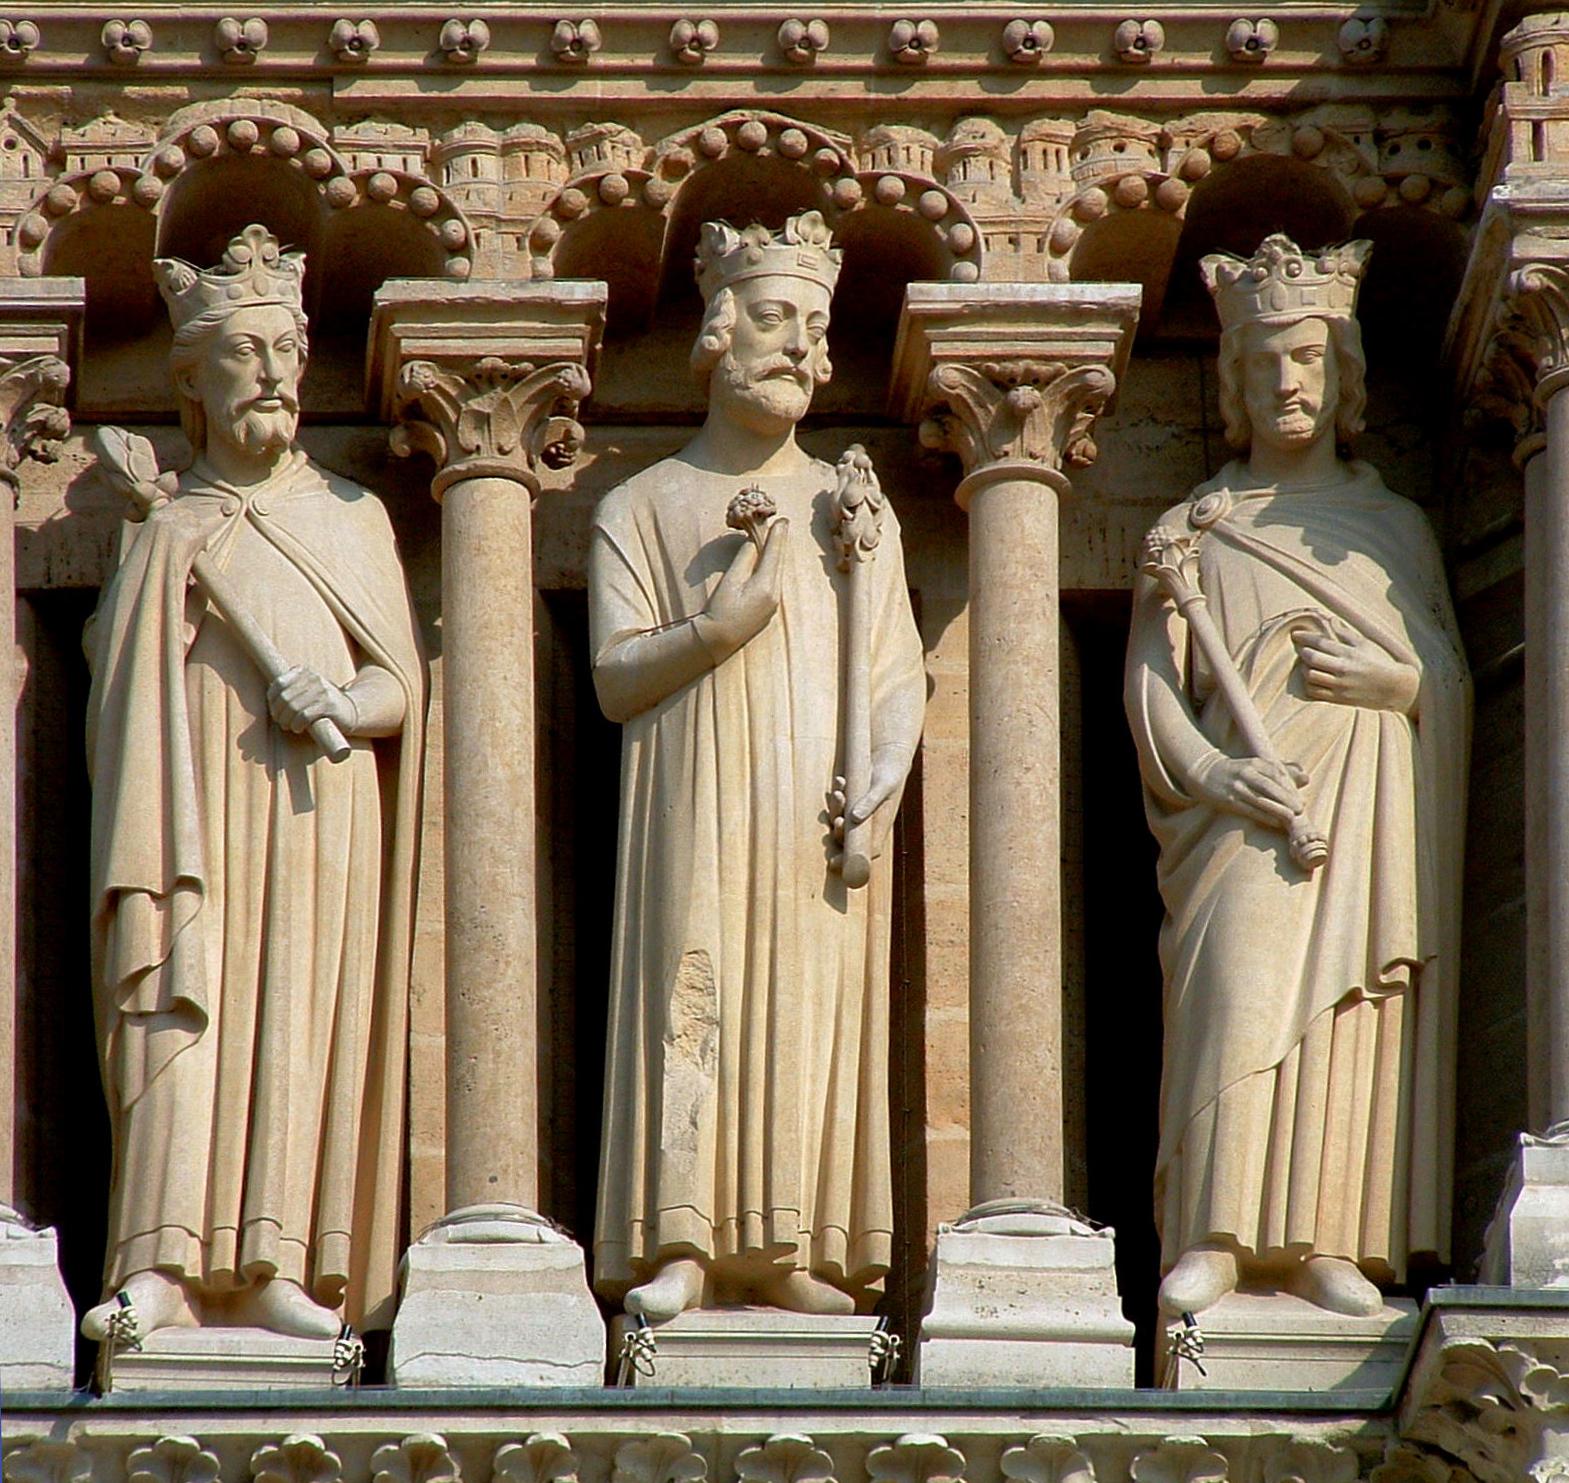 3 statues de la galerie de Juda de la facade de Notre-Dame